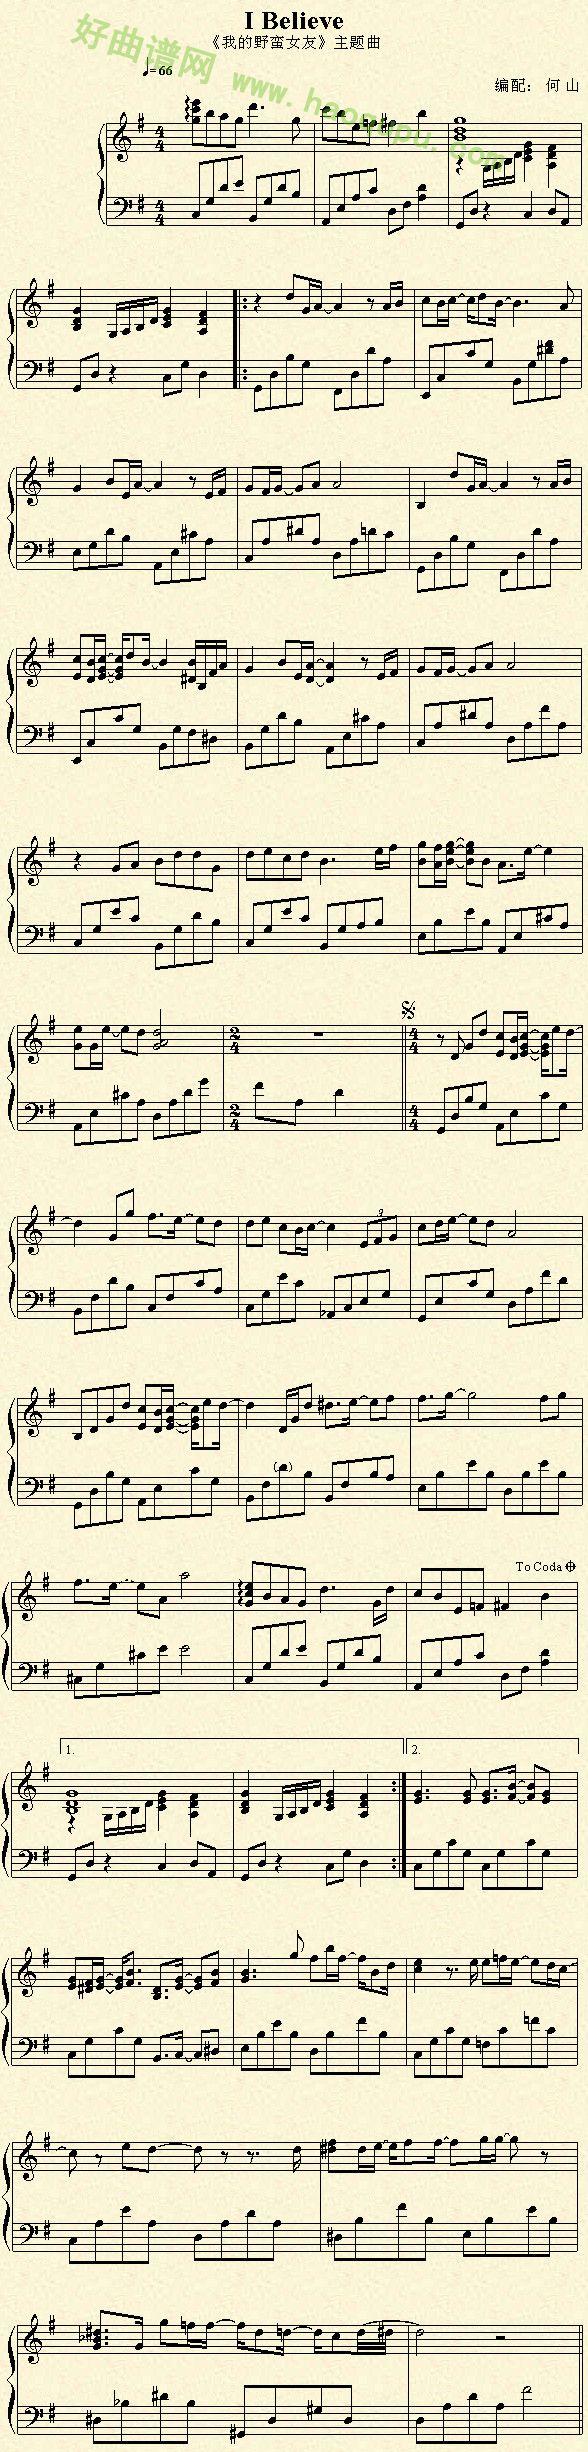 《i believe》 - 钢琴谱_钢琴曲谱_钢琴歌谱 - 好曲谱